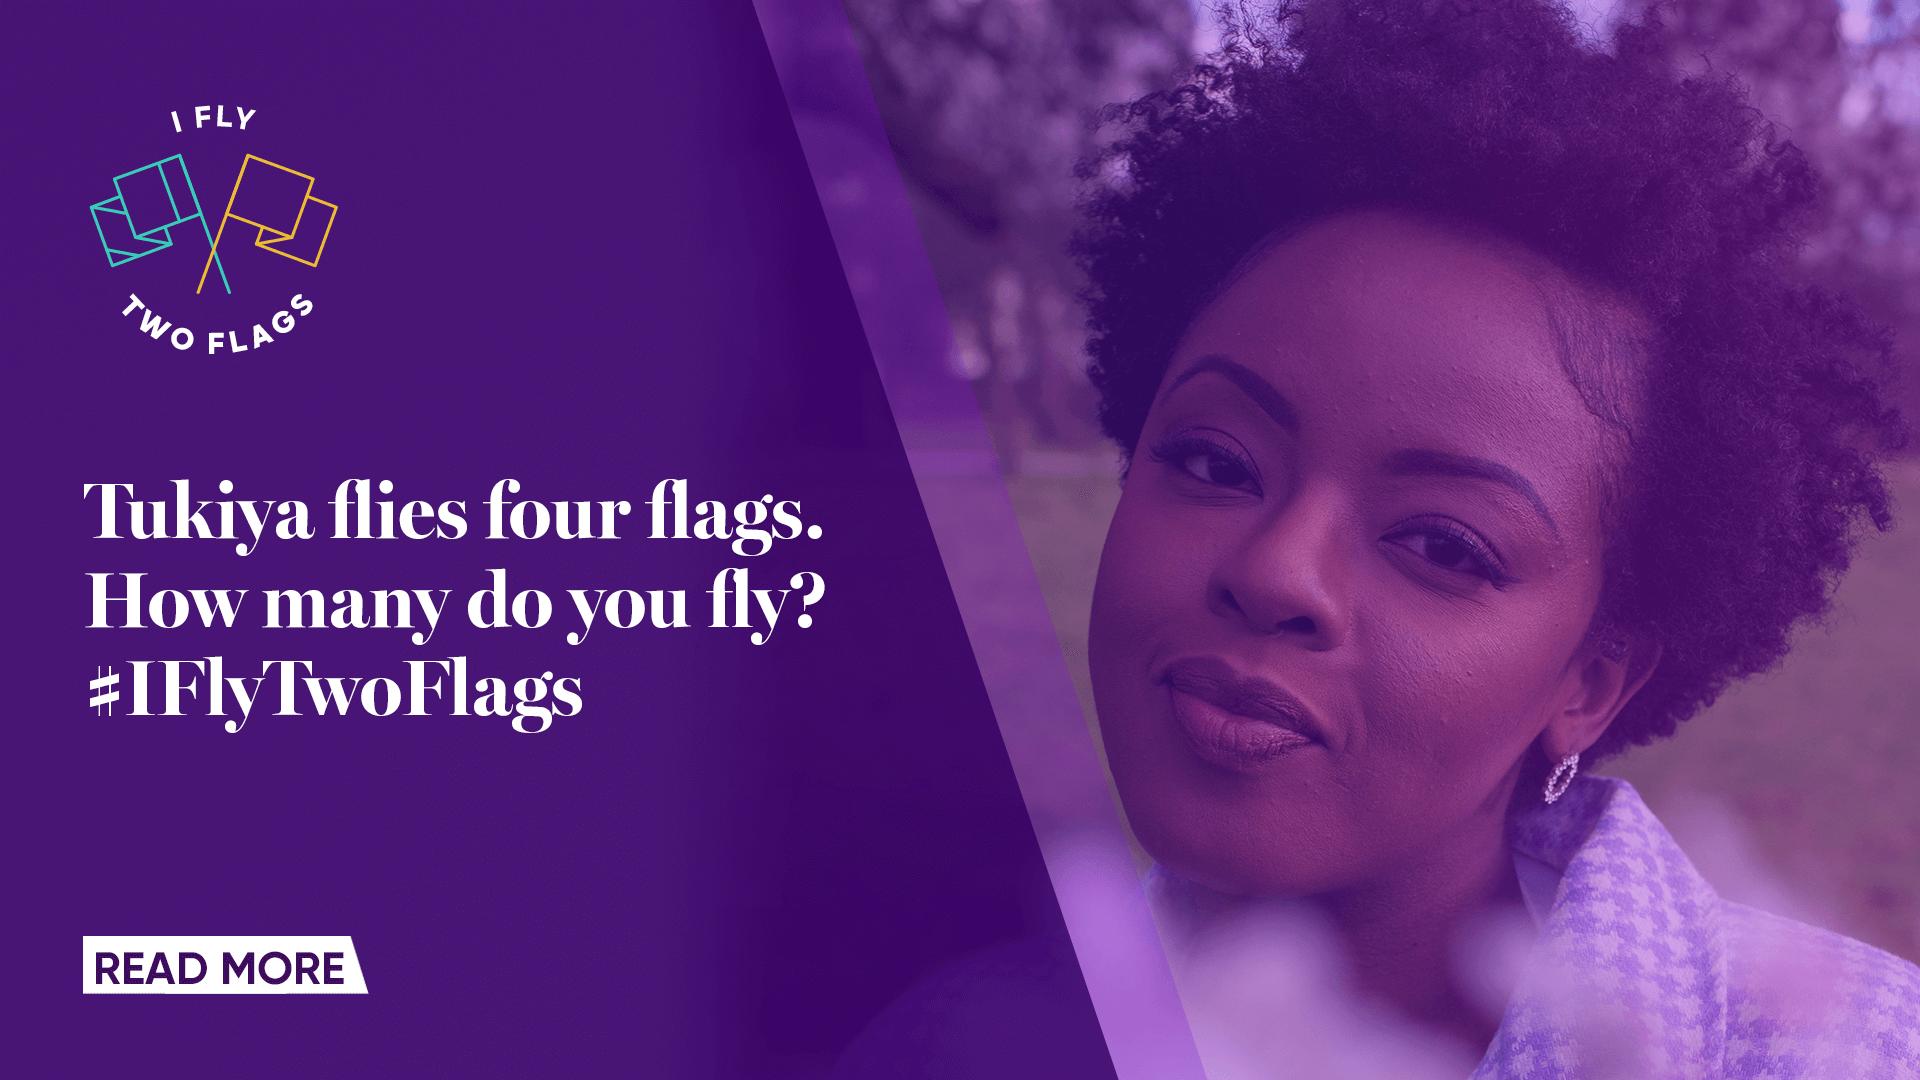 Tukiya flys four flags